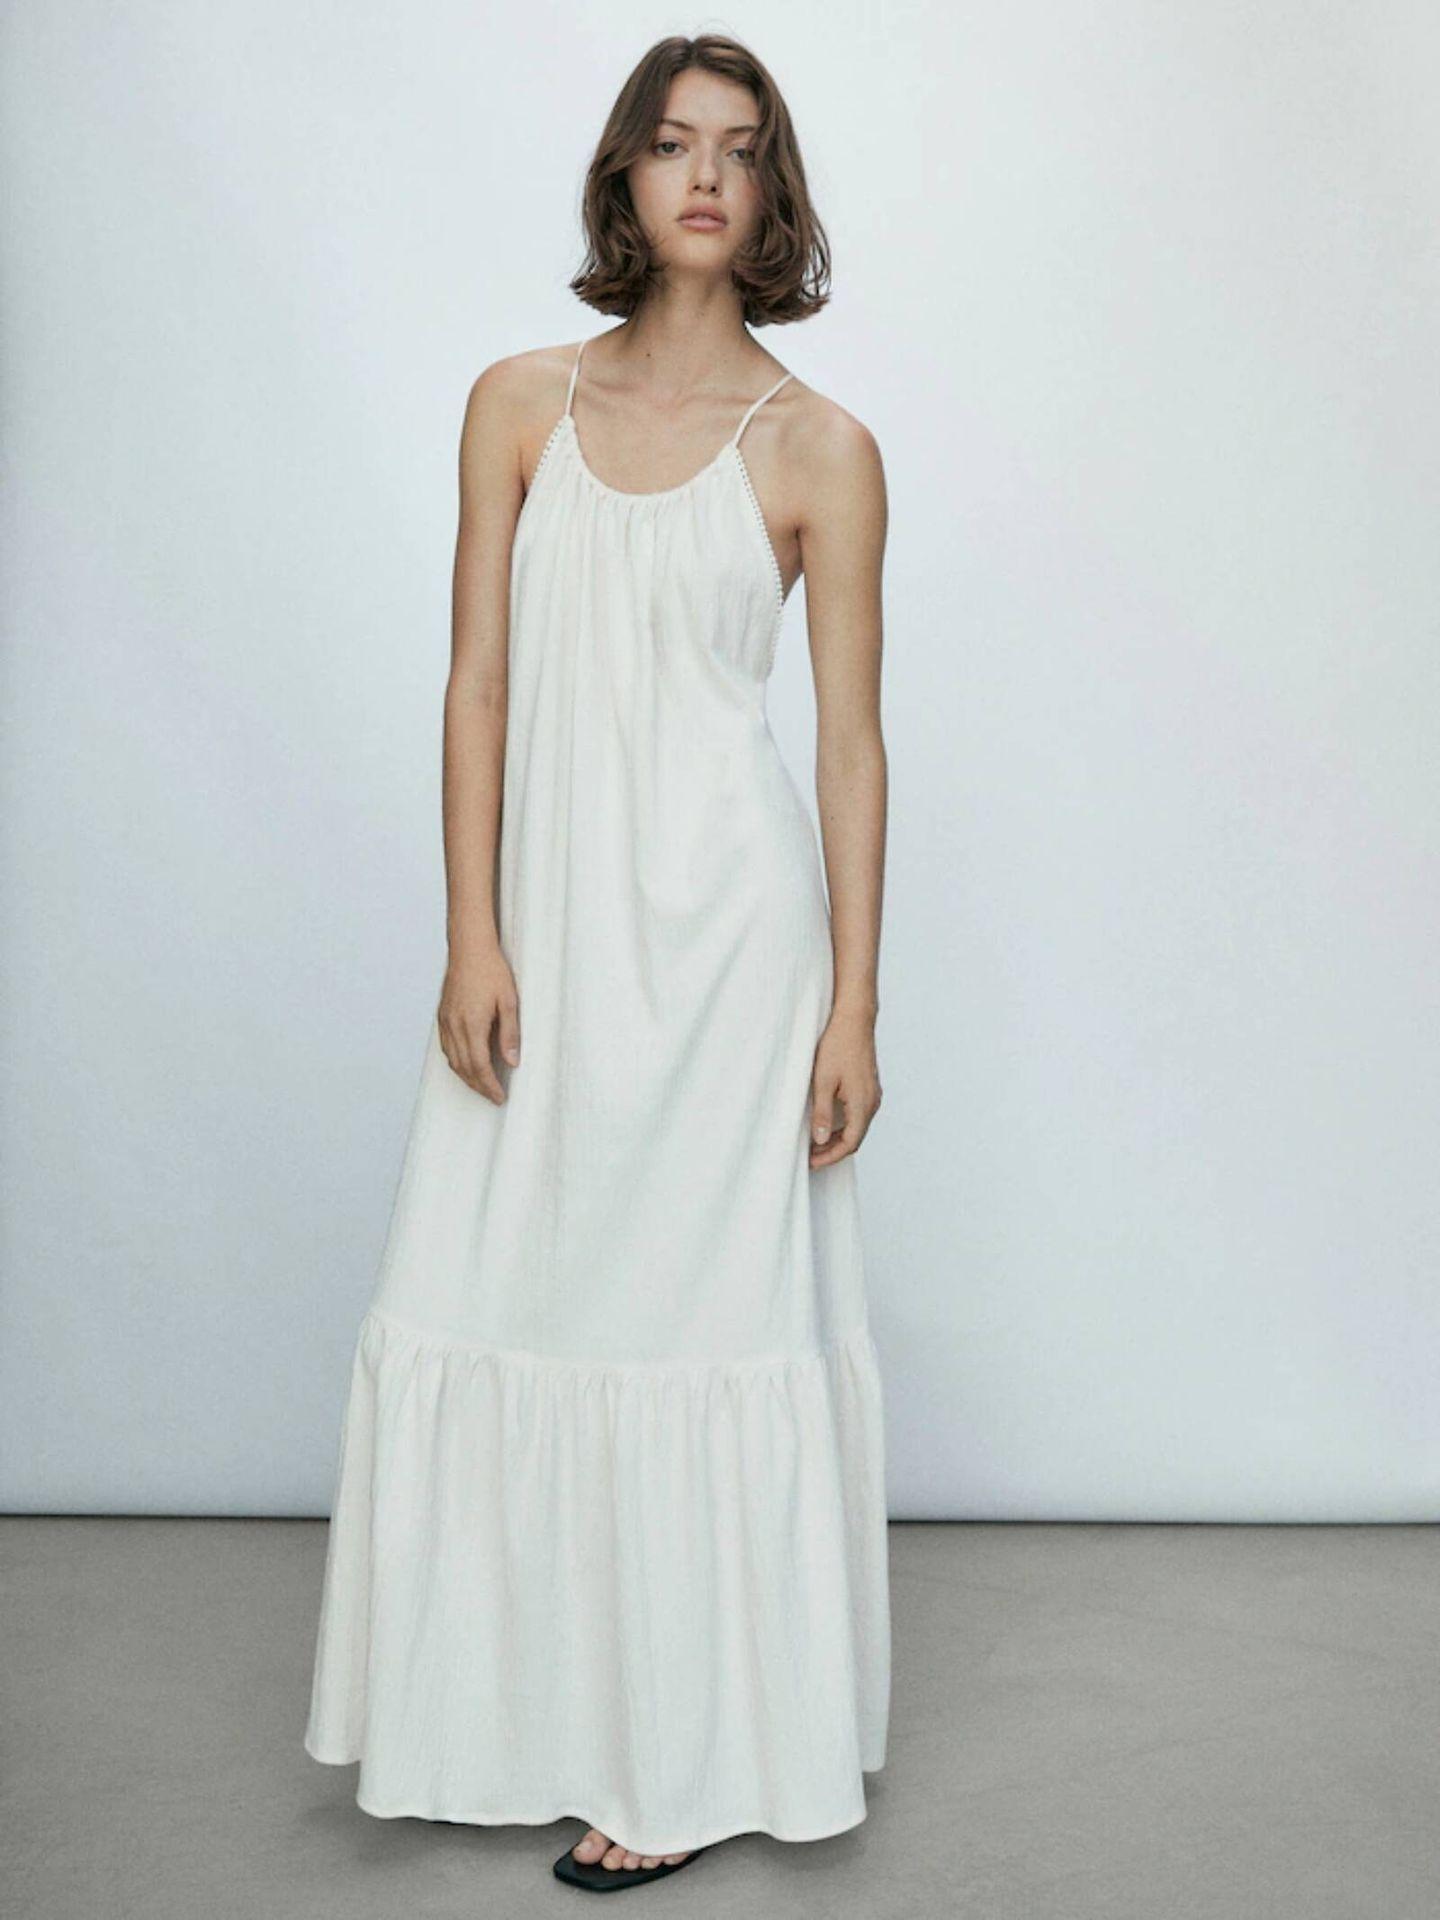 Vestido de Massimo Dutti para bodas al aire libre. (Cortesía)